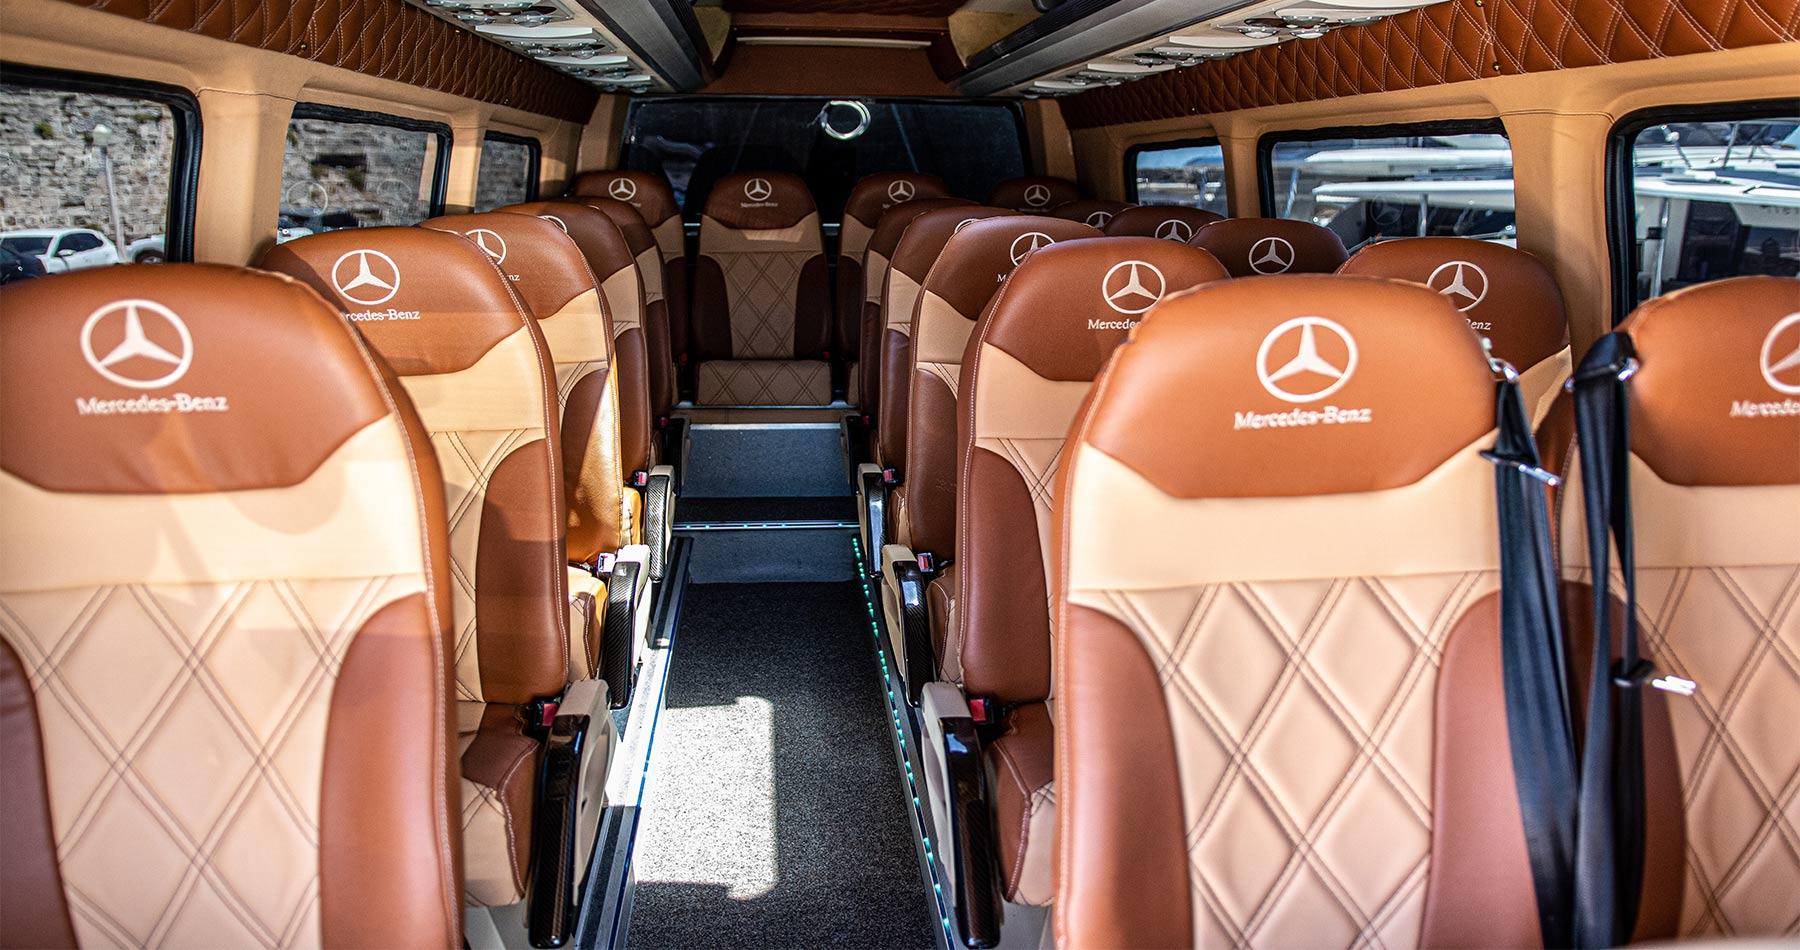 rhodes experiences bus tour staur 4